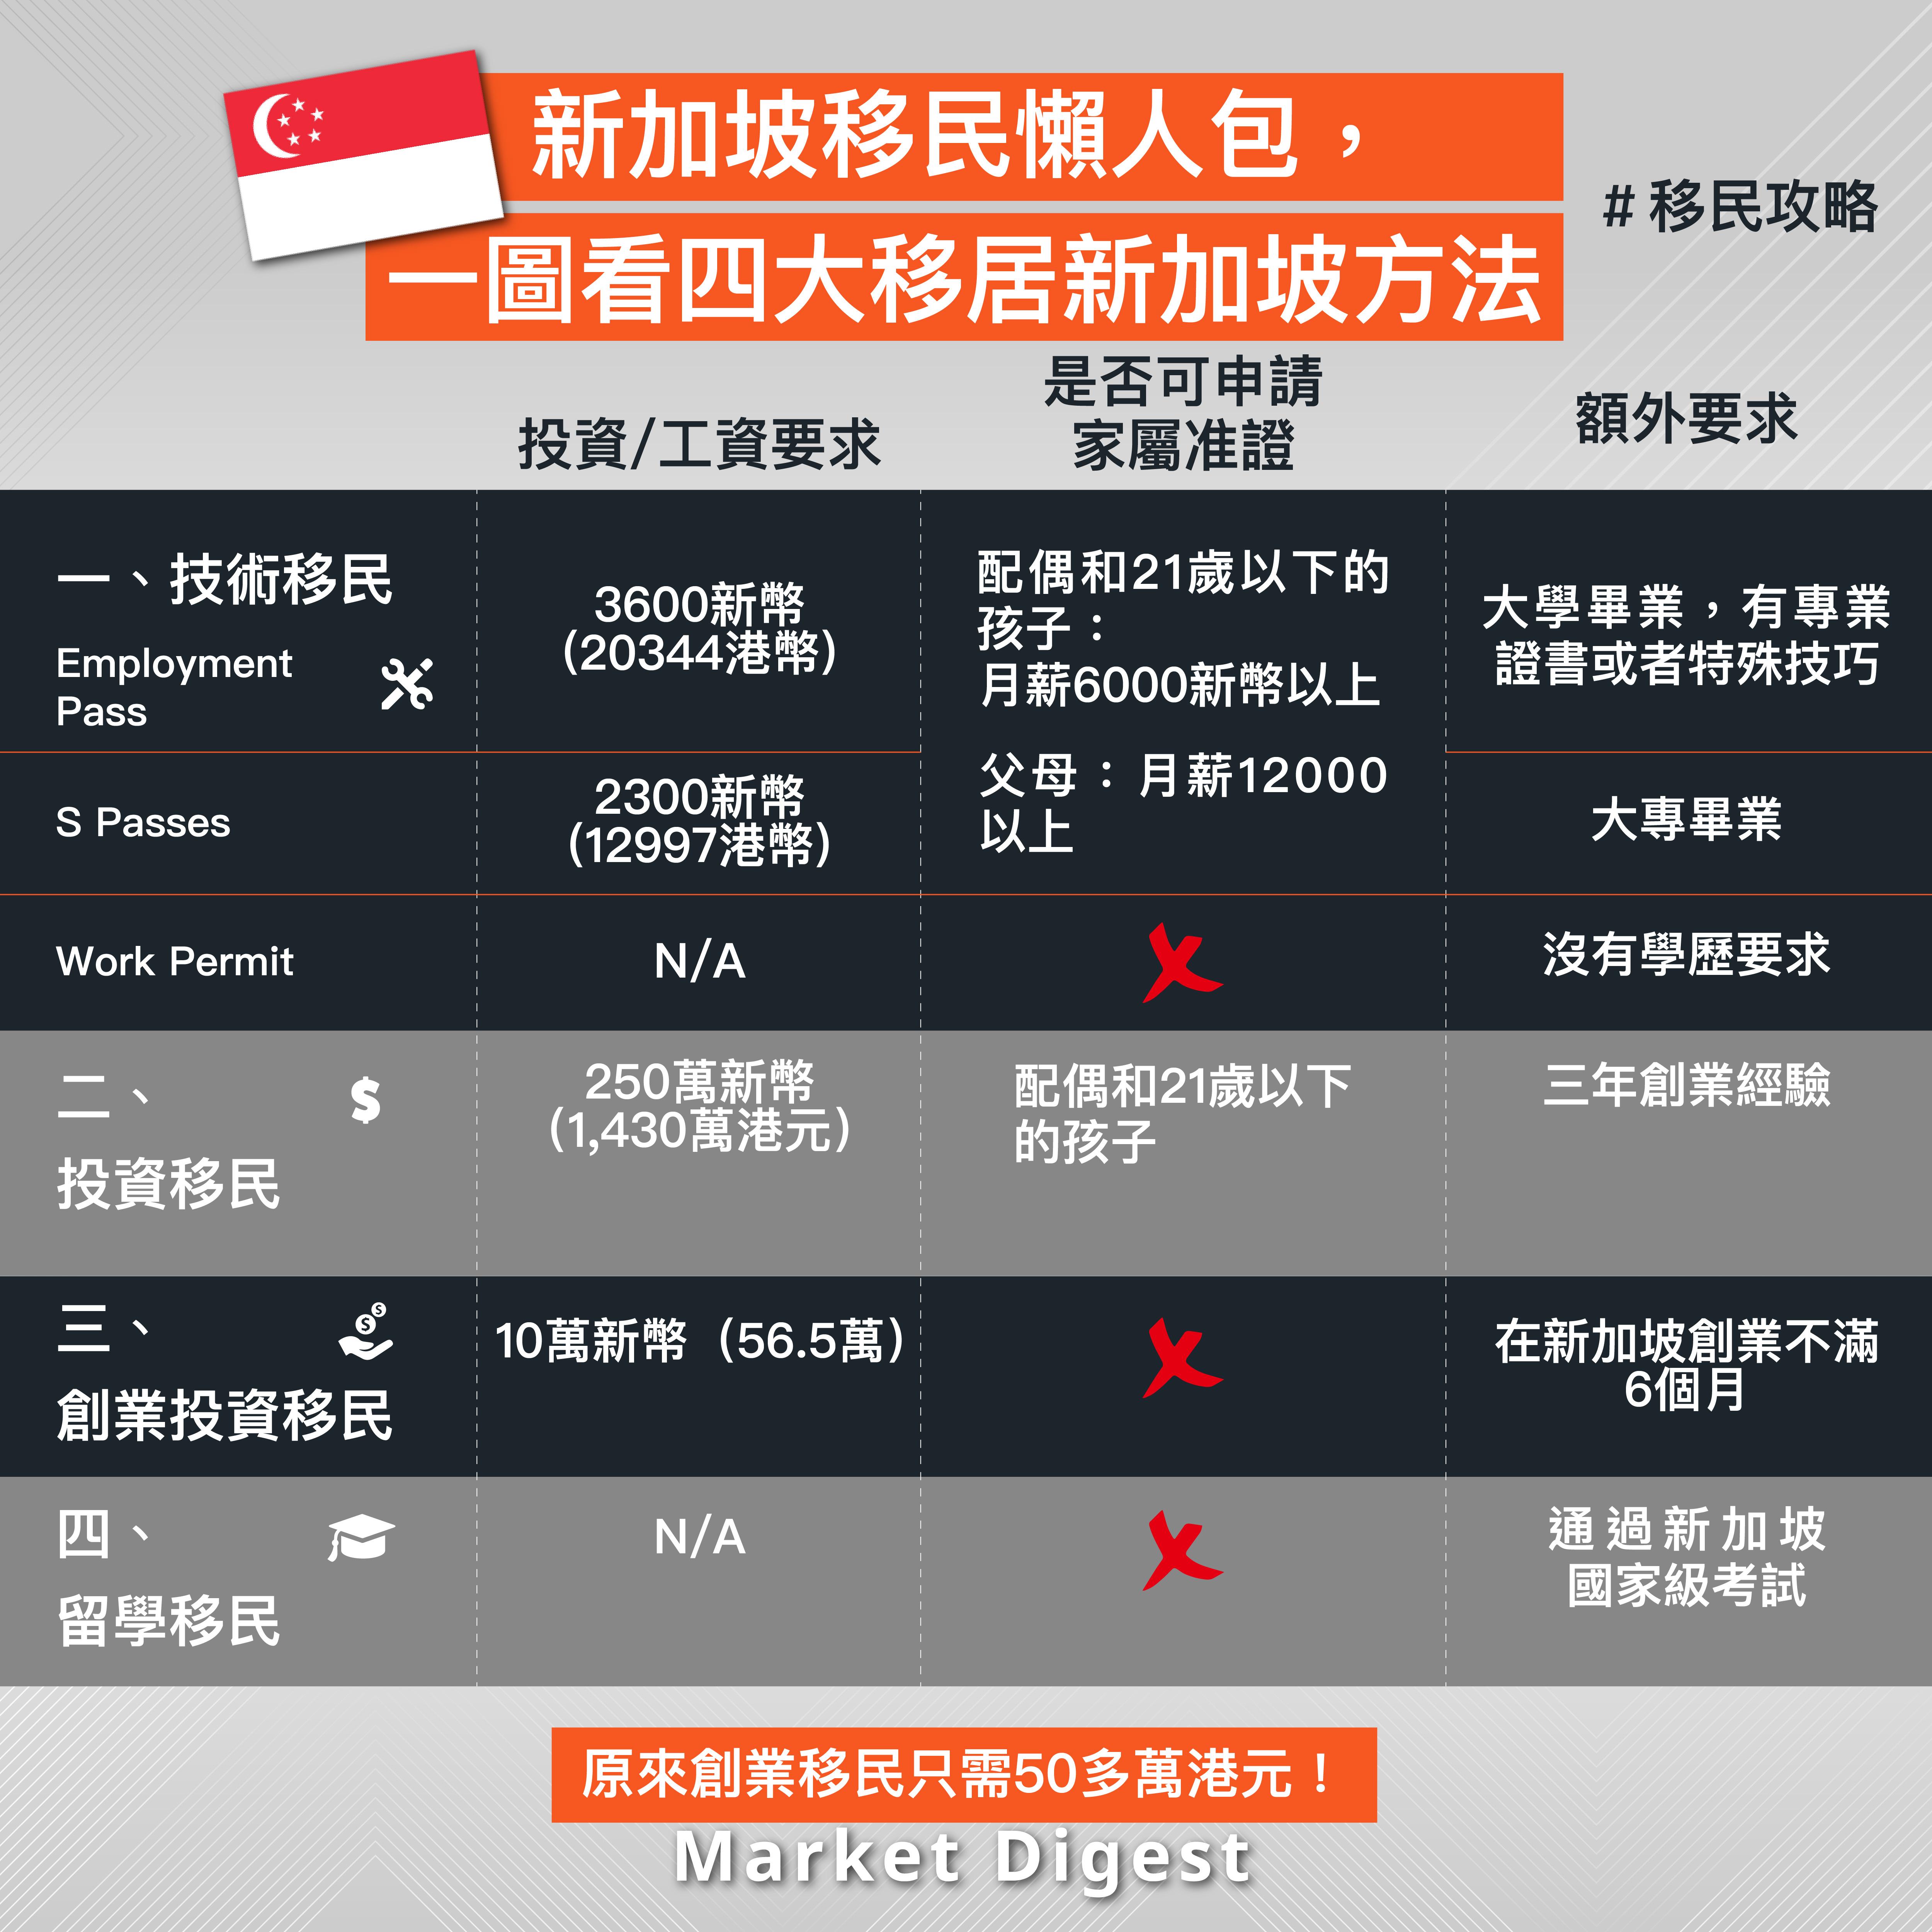 【移民攻略】新加坡移民懶人包,一圖看四大移居新加坡方法